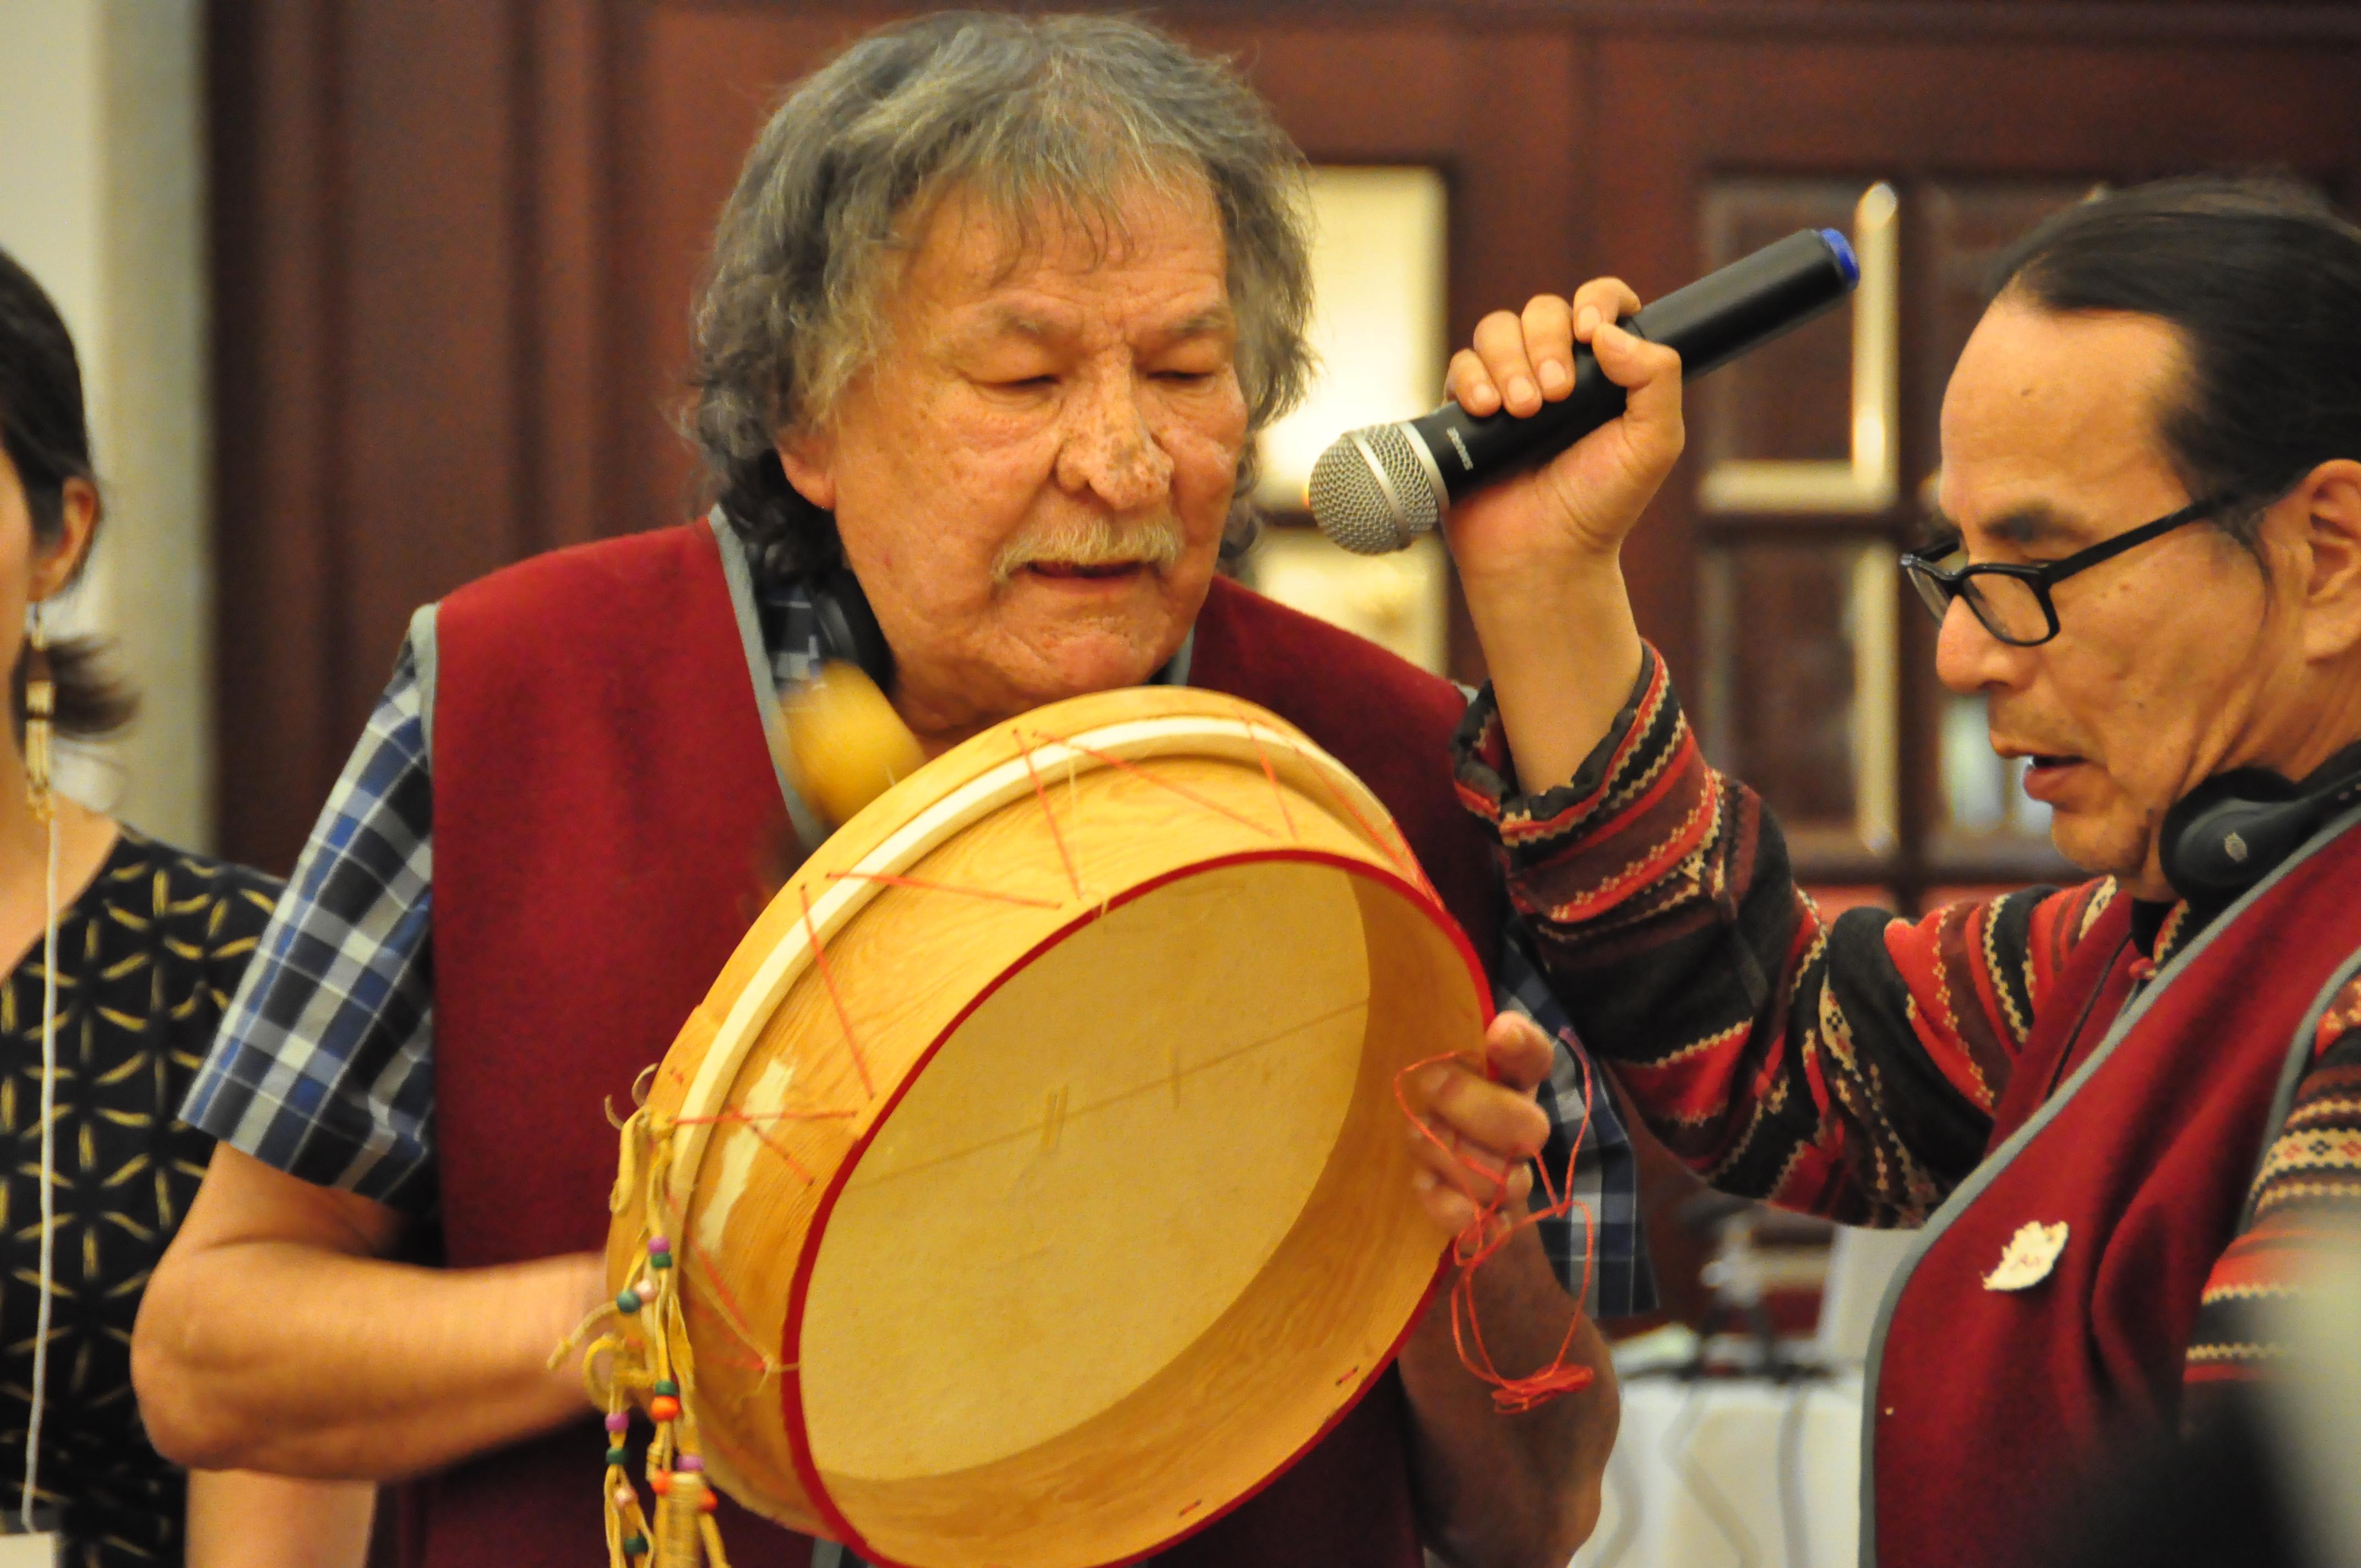 Areas Protegidas Y Conservadas Por Pueblos Indígenas Destacan Durante Eventos Regionales en Norteamérica